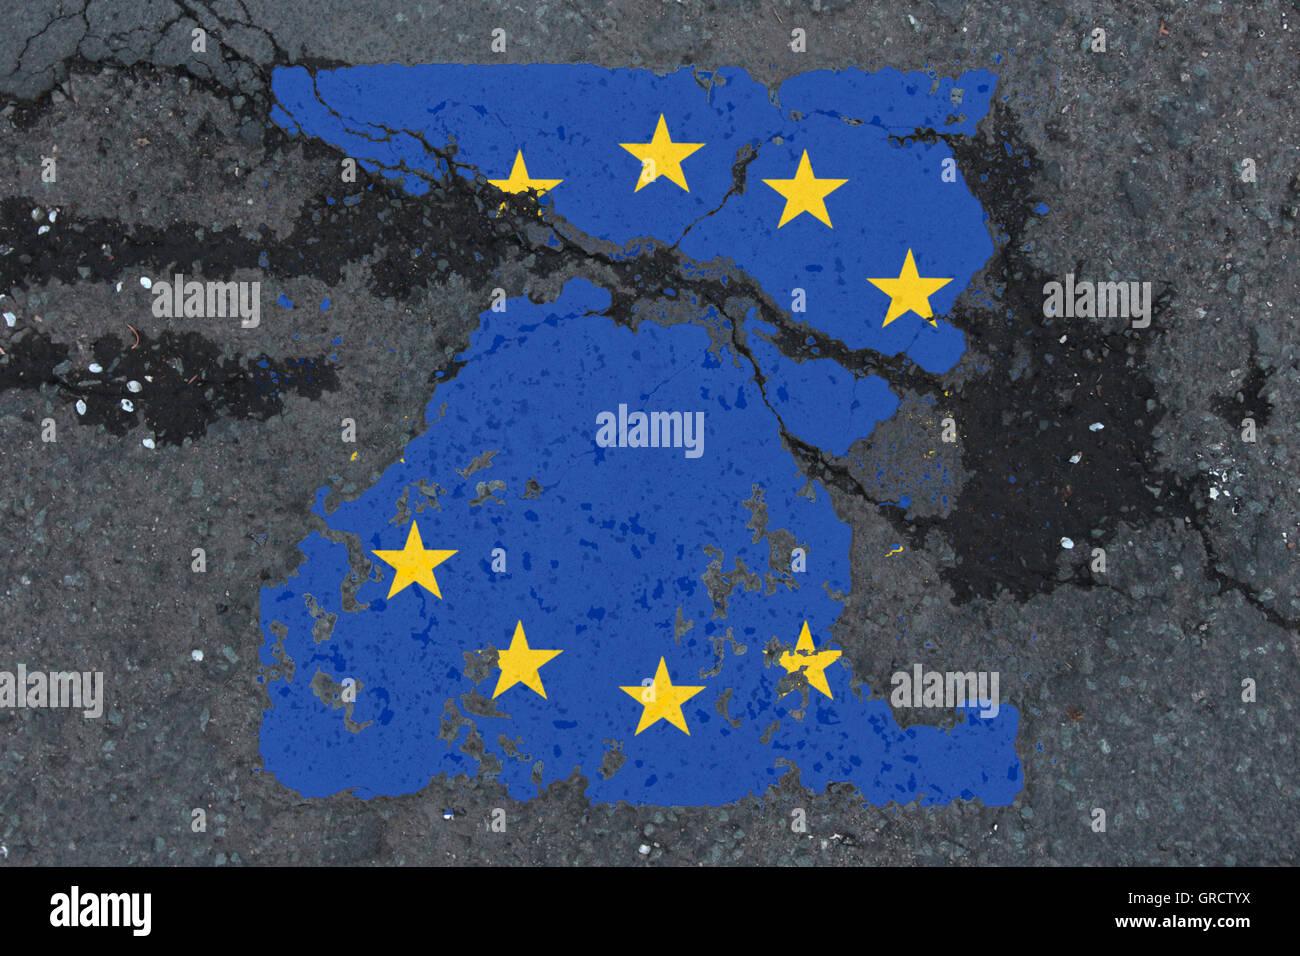 Eu Crisis With Eroding Eu Flag - Stock Image